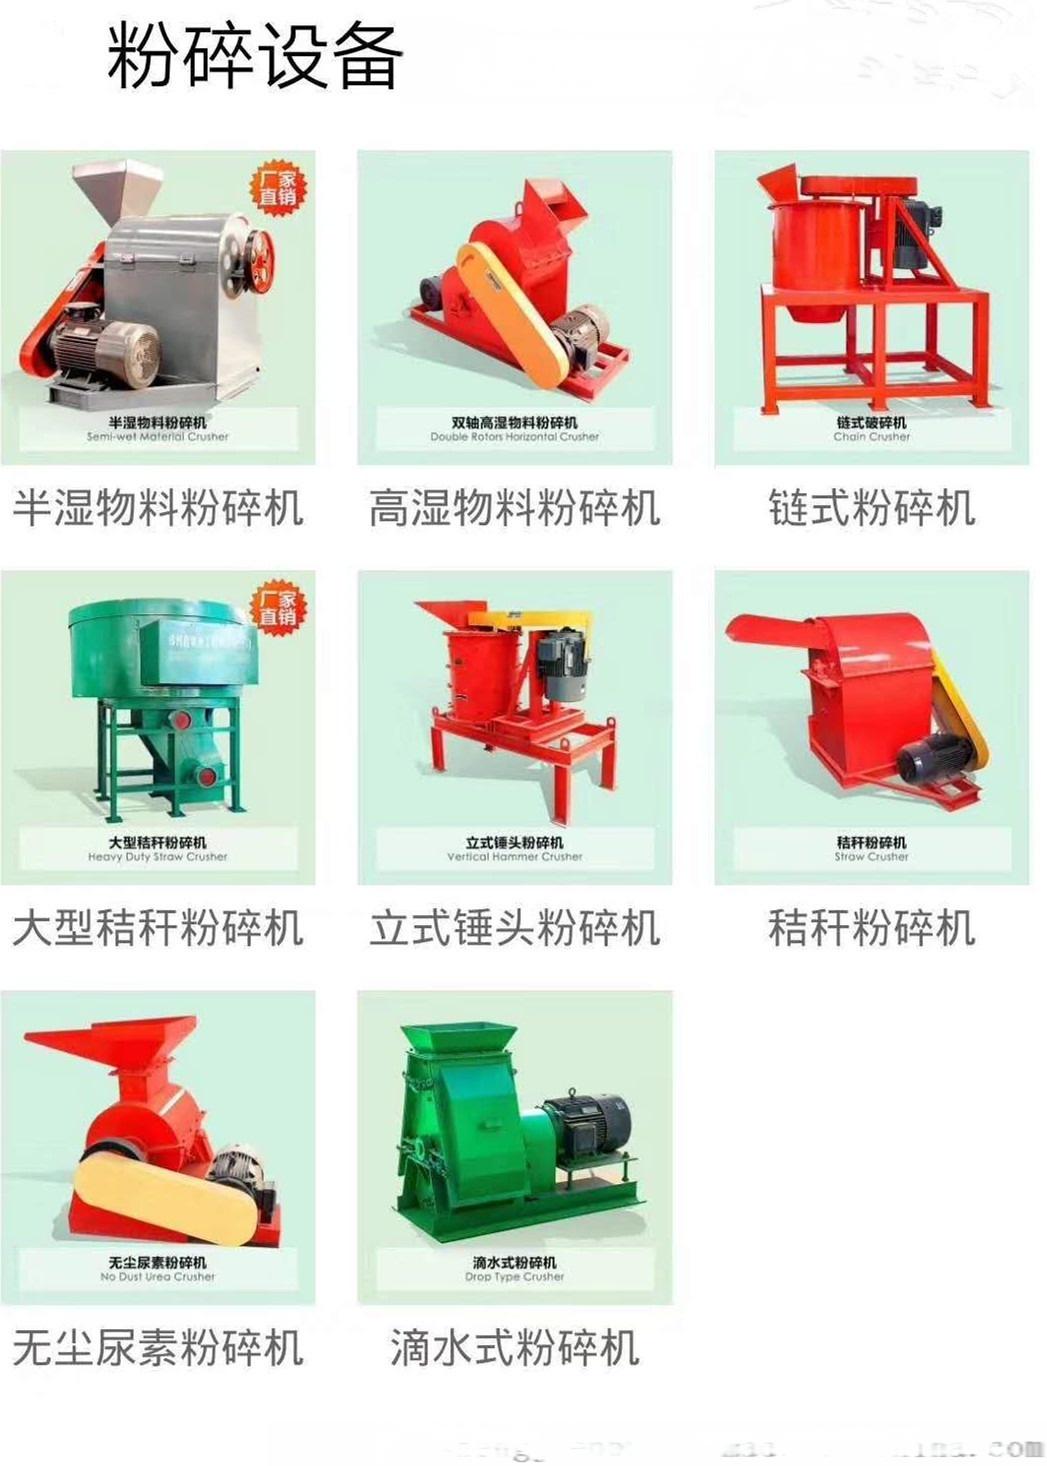 鸡粪有机肥设备 立式粉碎机 半湿物料粉碎机粉碎鸡粪137086095